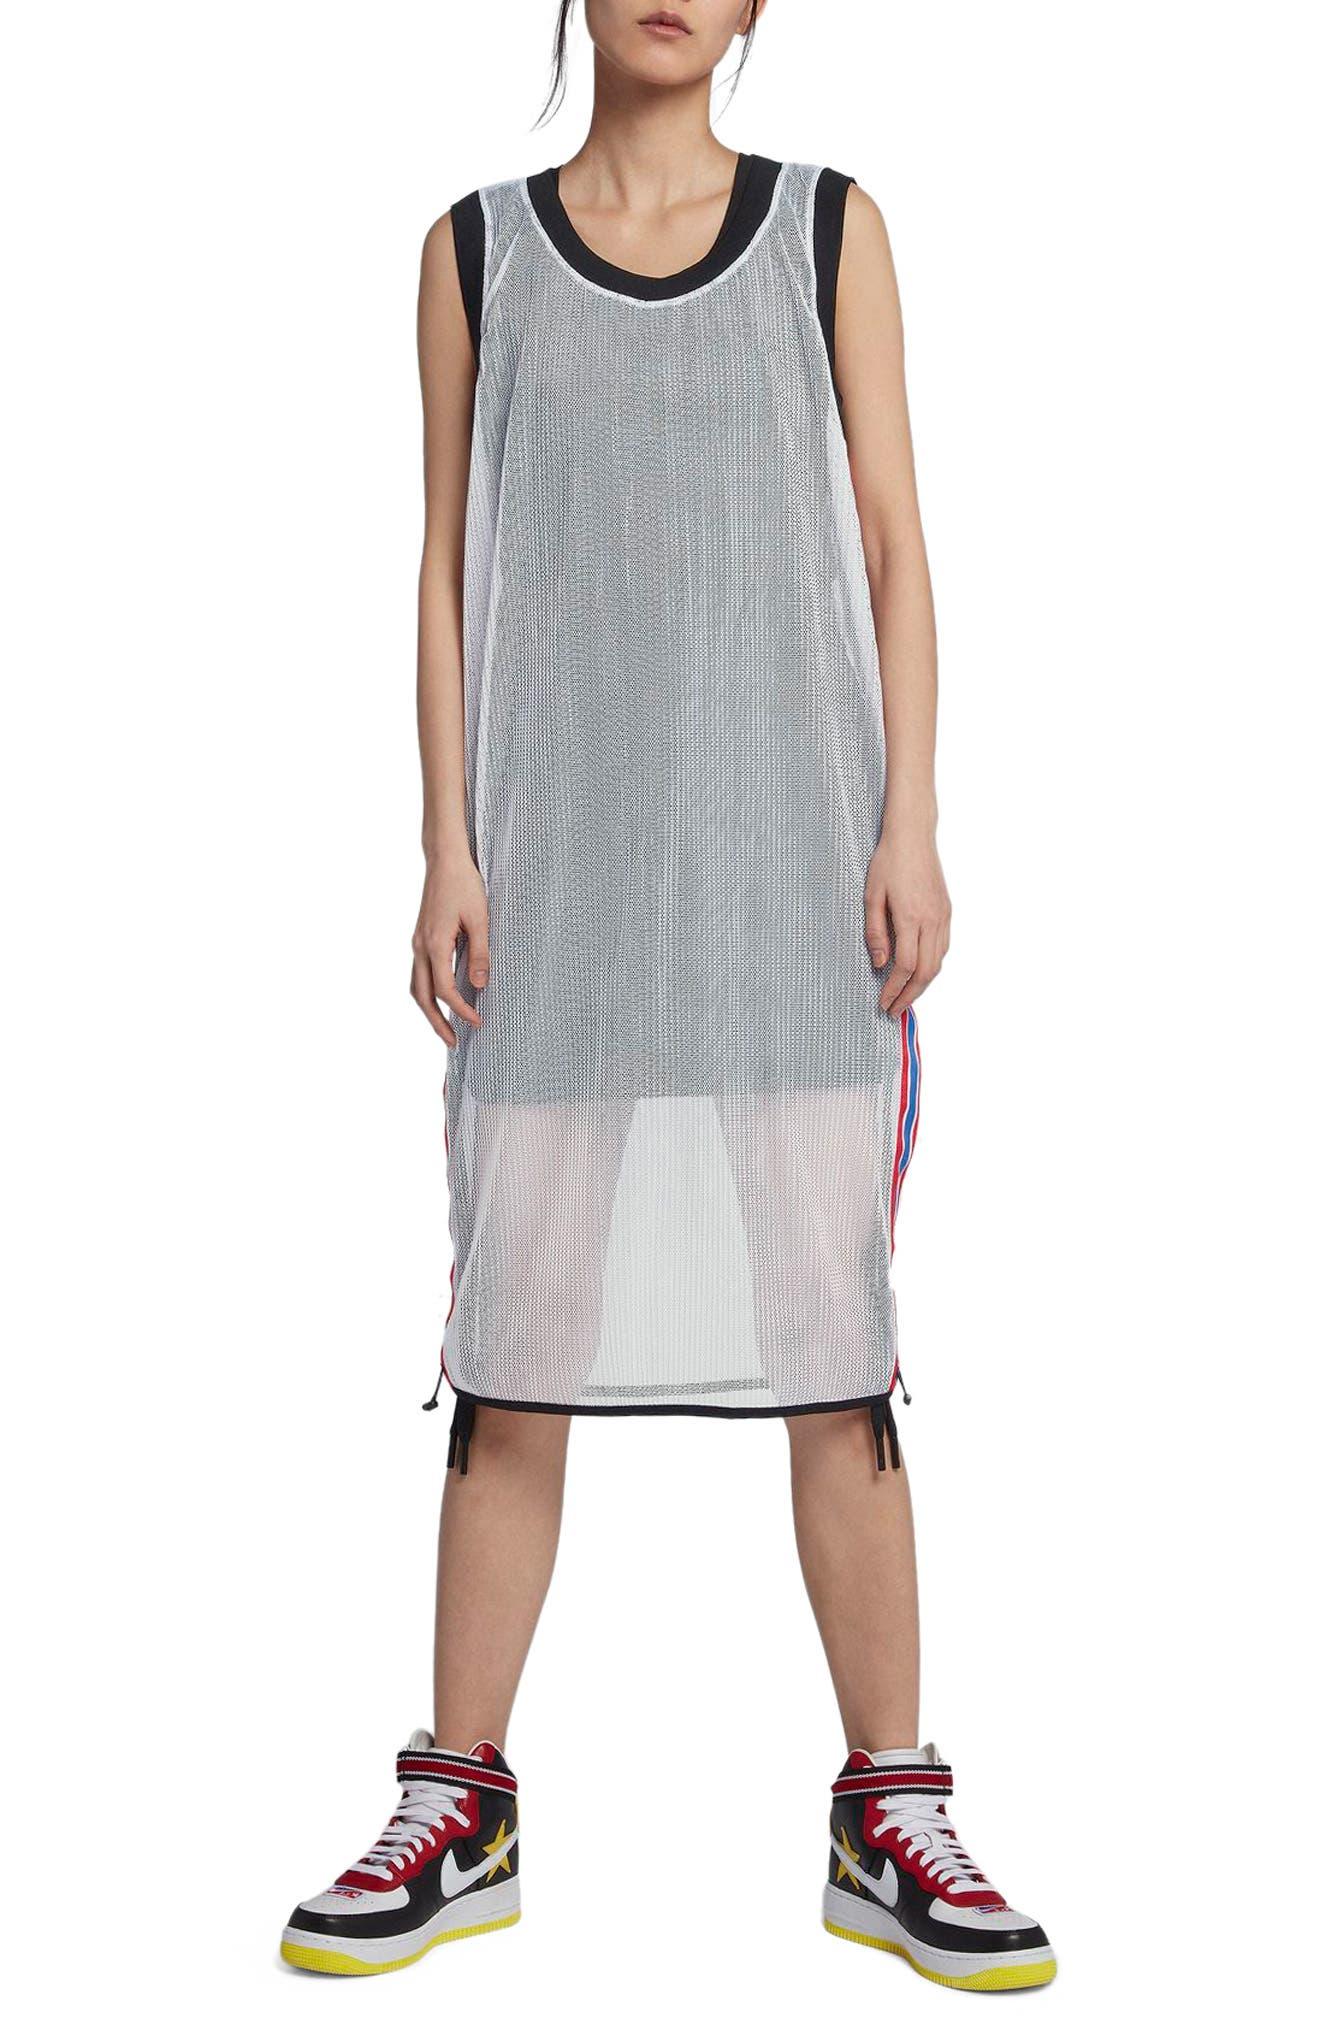 Nike NikeLab x RT Mesh Jersey Dress